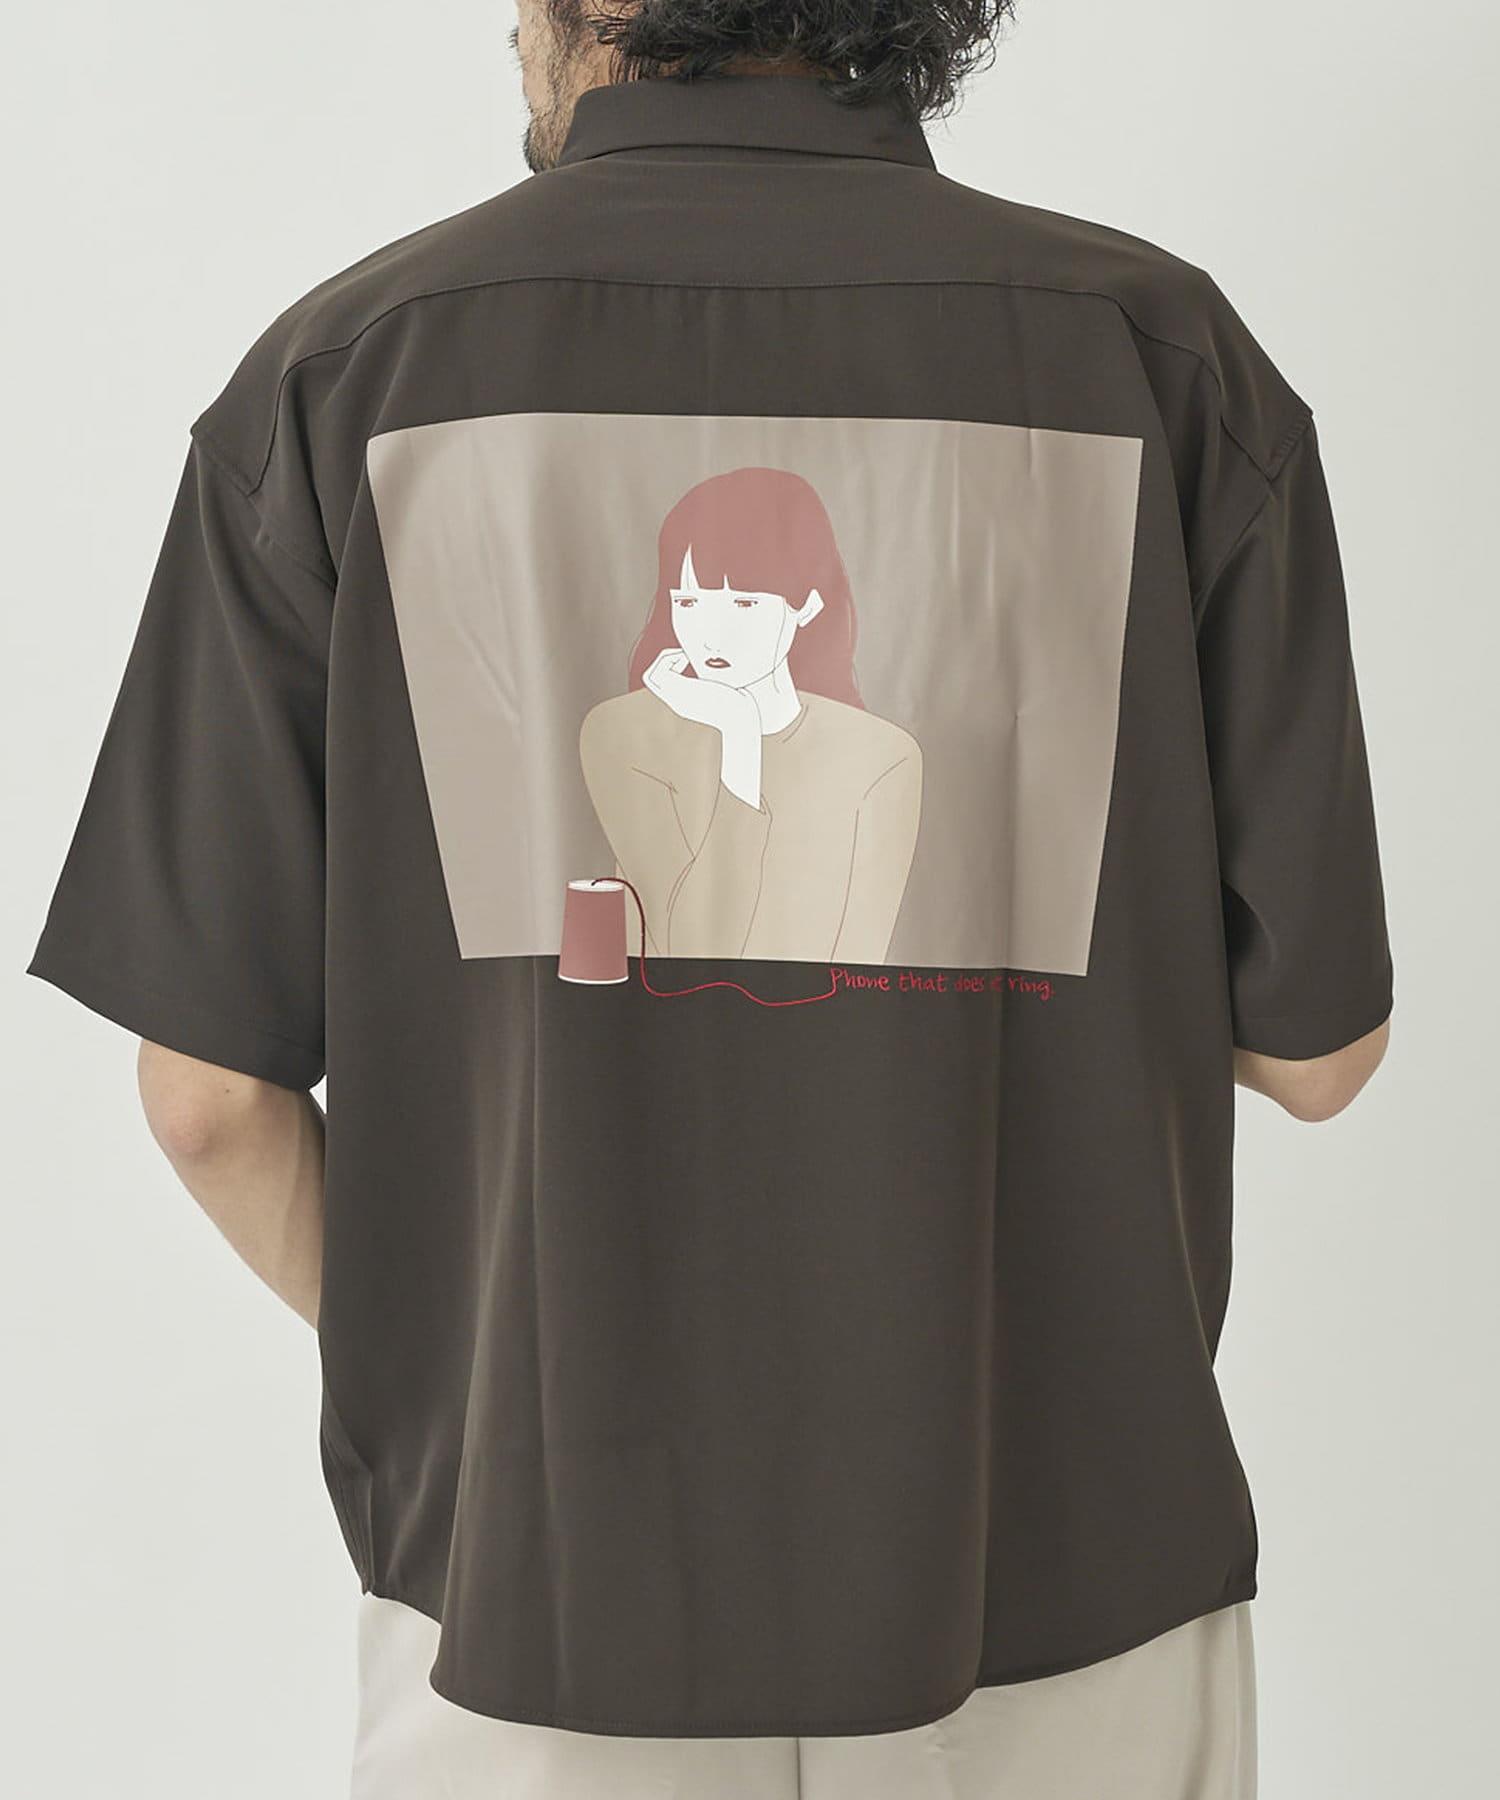 CPCM(シーピーシーエム) バックガールイラスト半袖シャツ